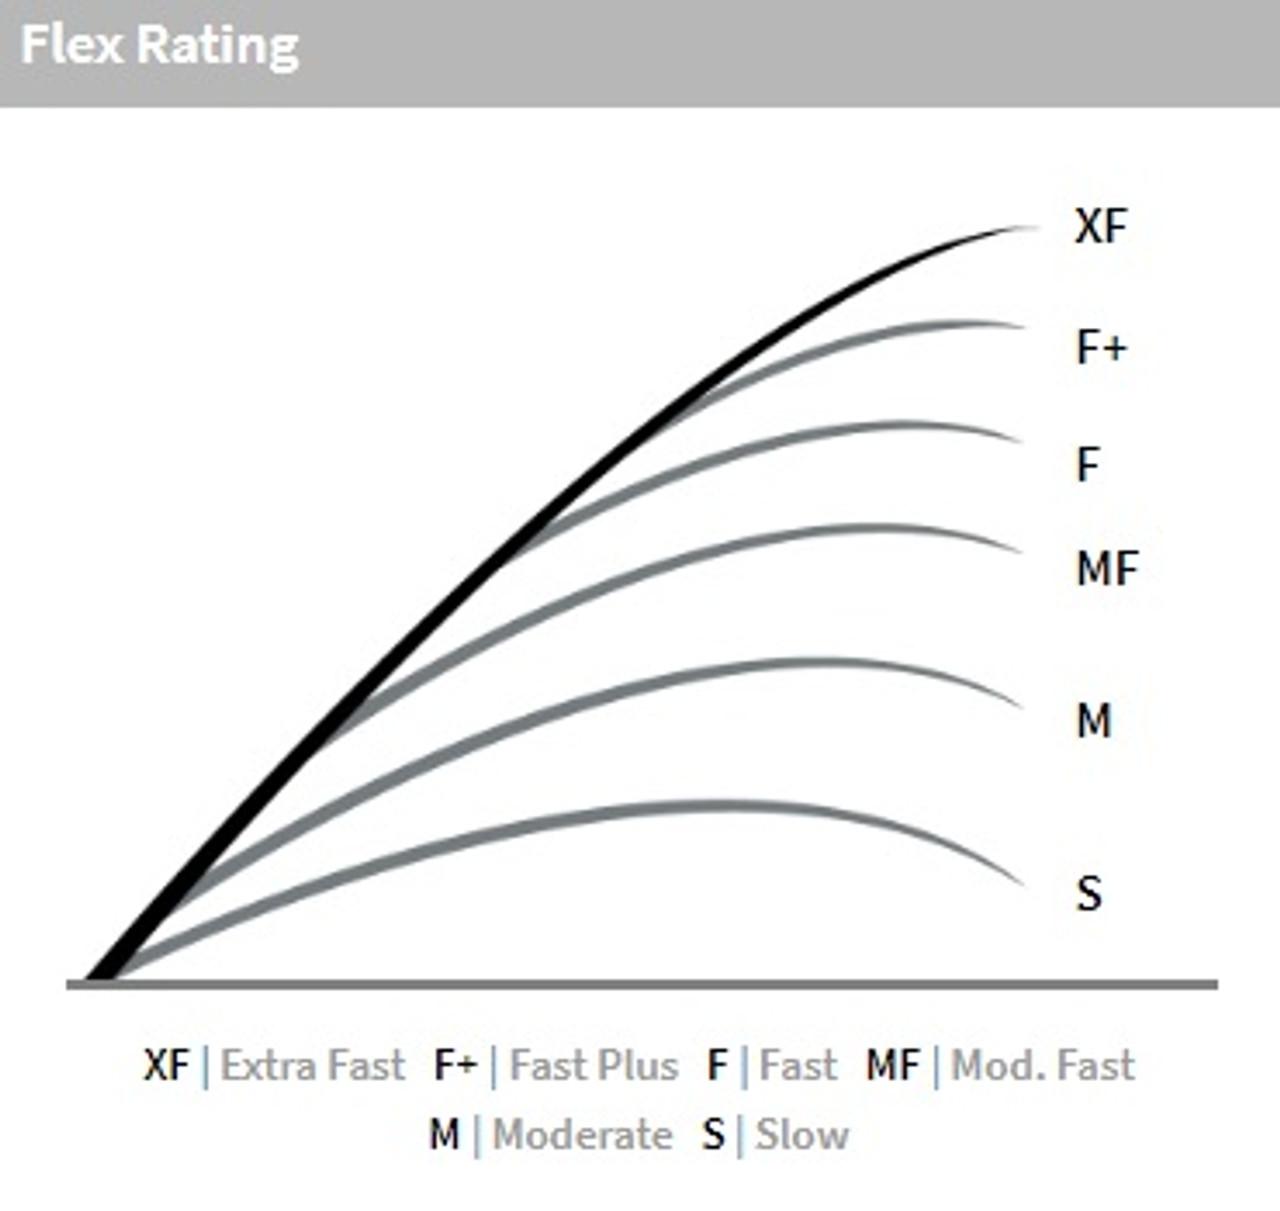 Falcon Rod Action Flex Chart